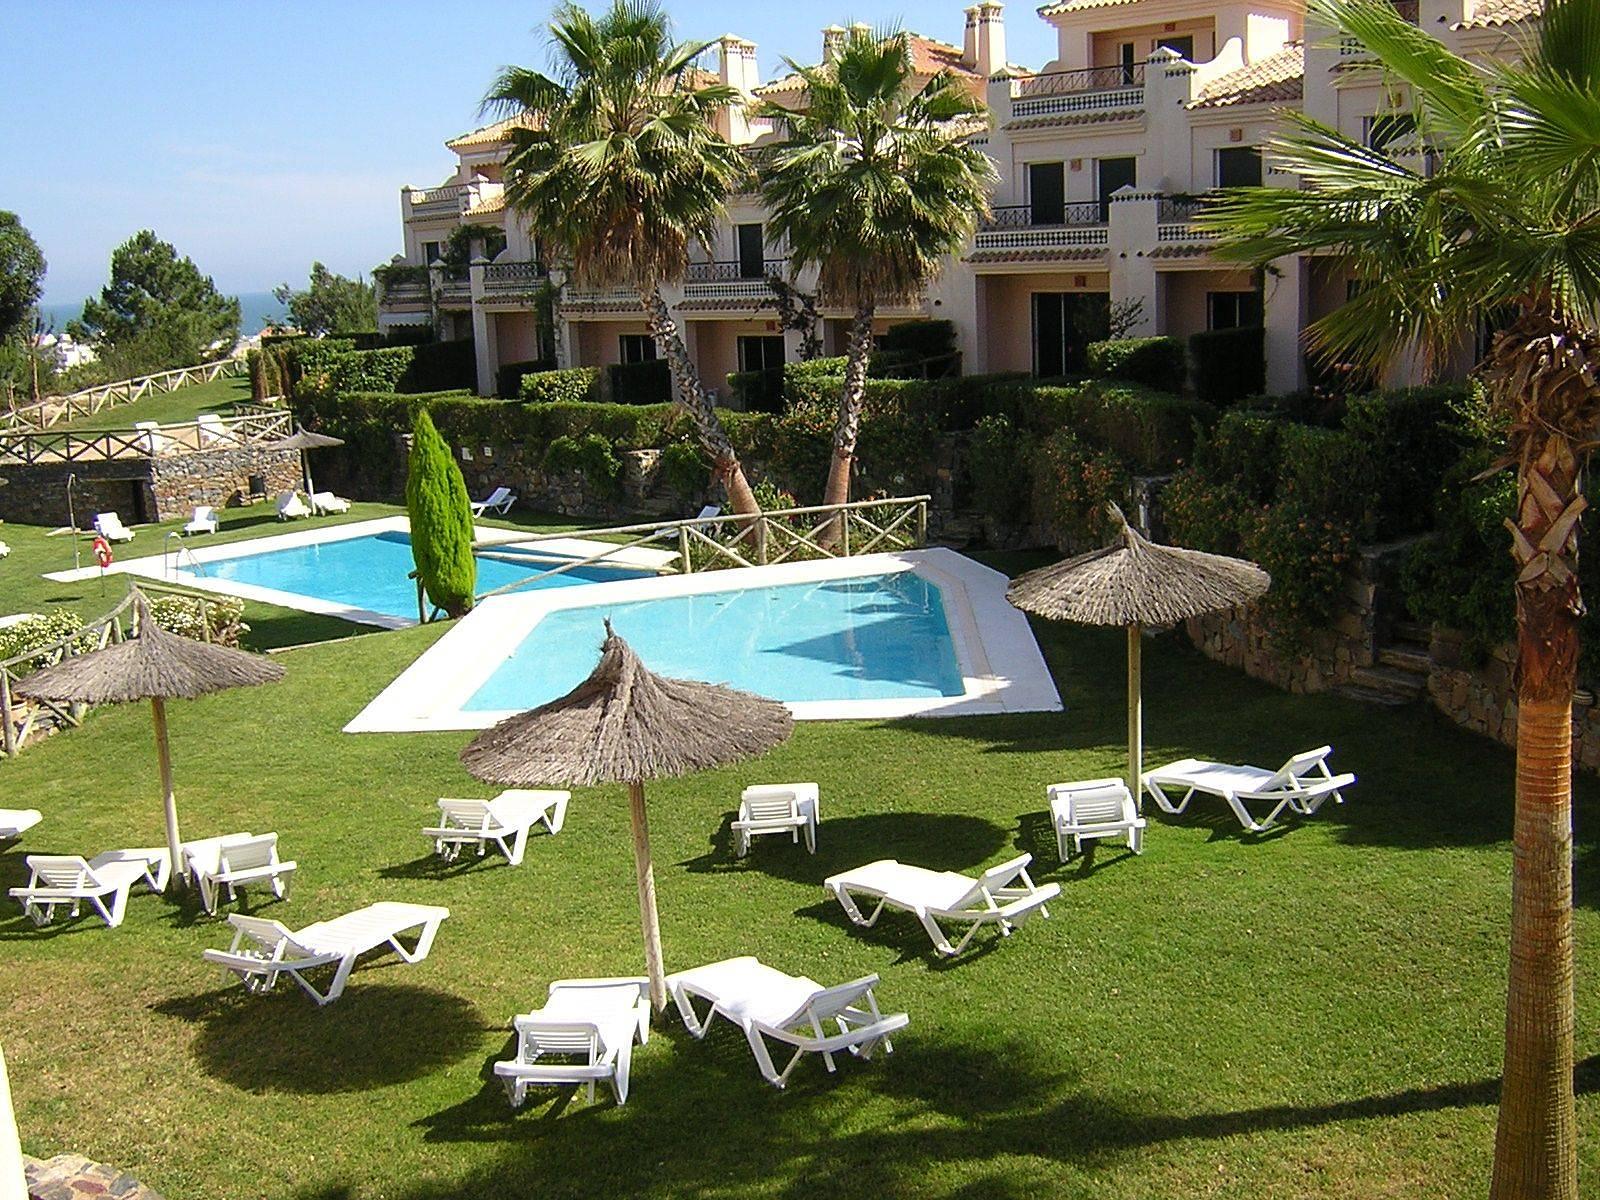 Maison en location 600 m de la plage islantilla lepe - Rentalia islantilla ...